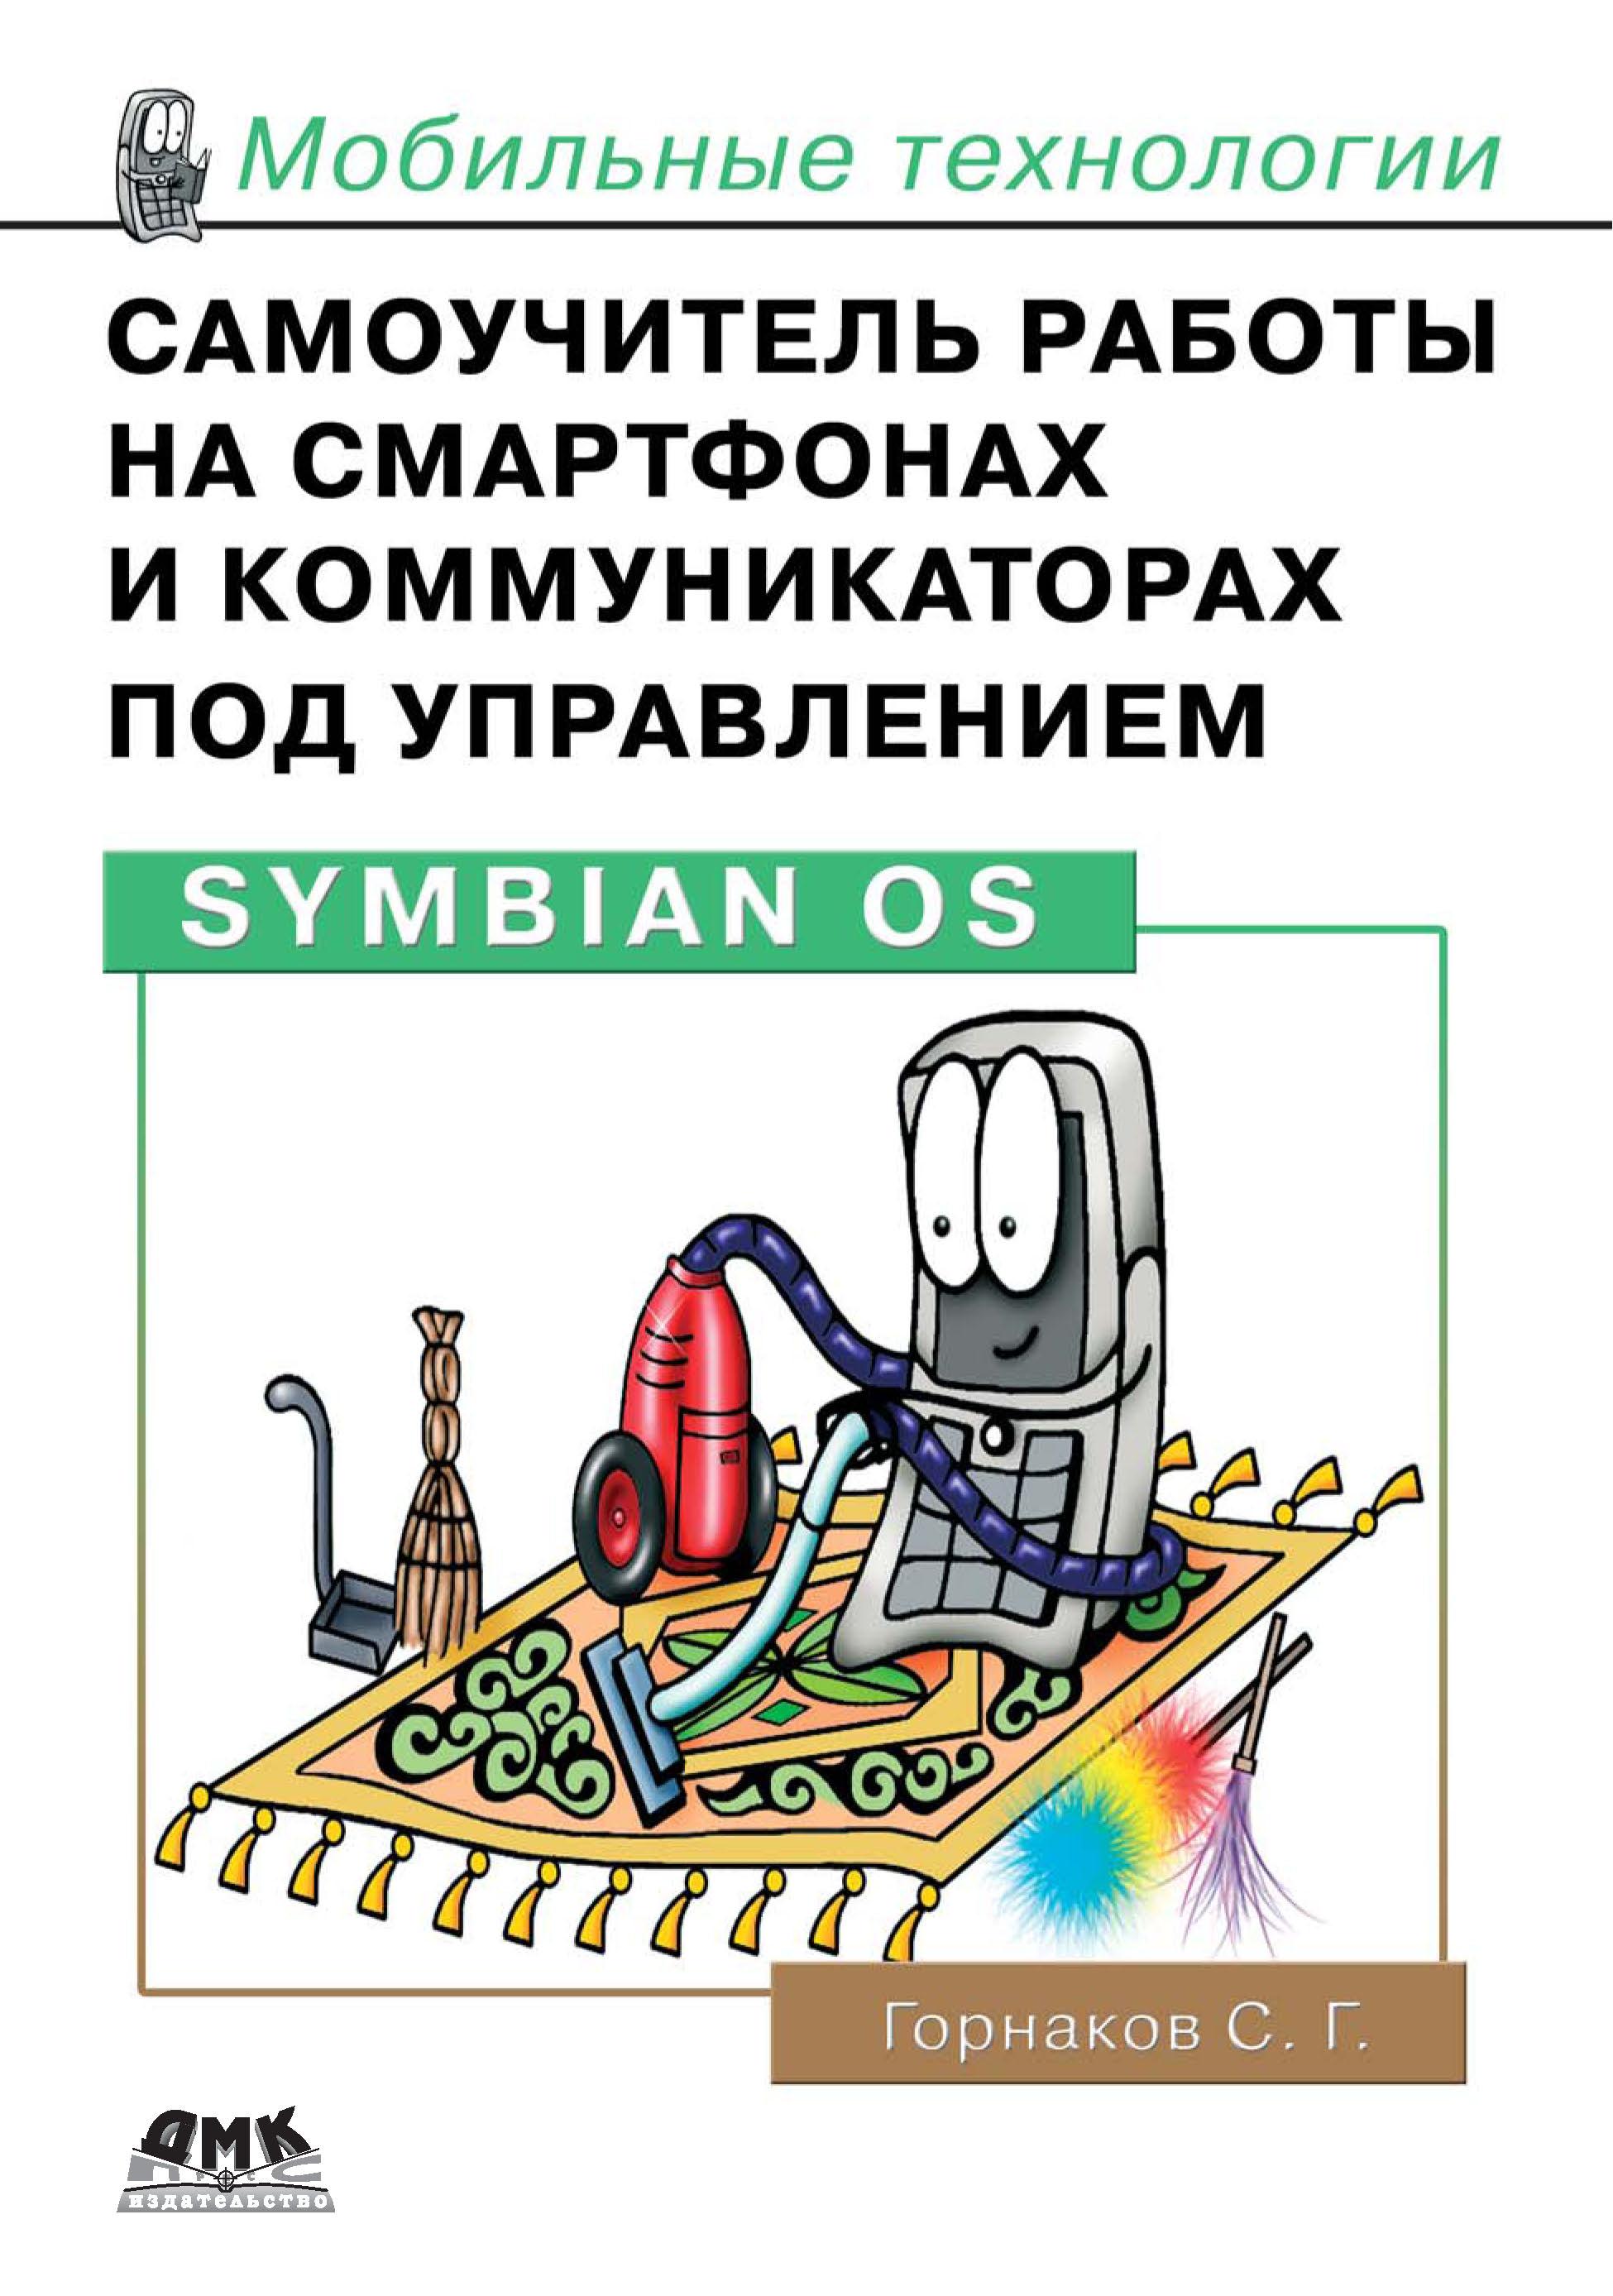 Станислав Горнаков Самоучитель работы на смартфонах и коммуникаторах под управлением Symbian OS станислав горнаков самоучитель работы на смартфонах и коммуникаторах под управлением symbian os